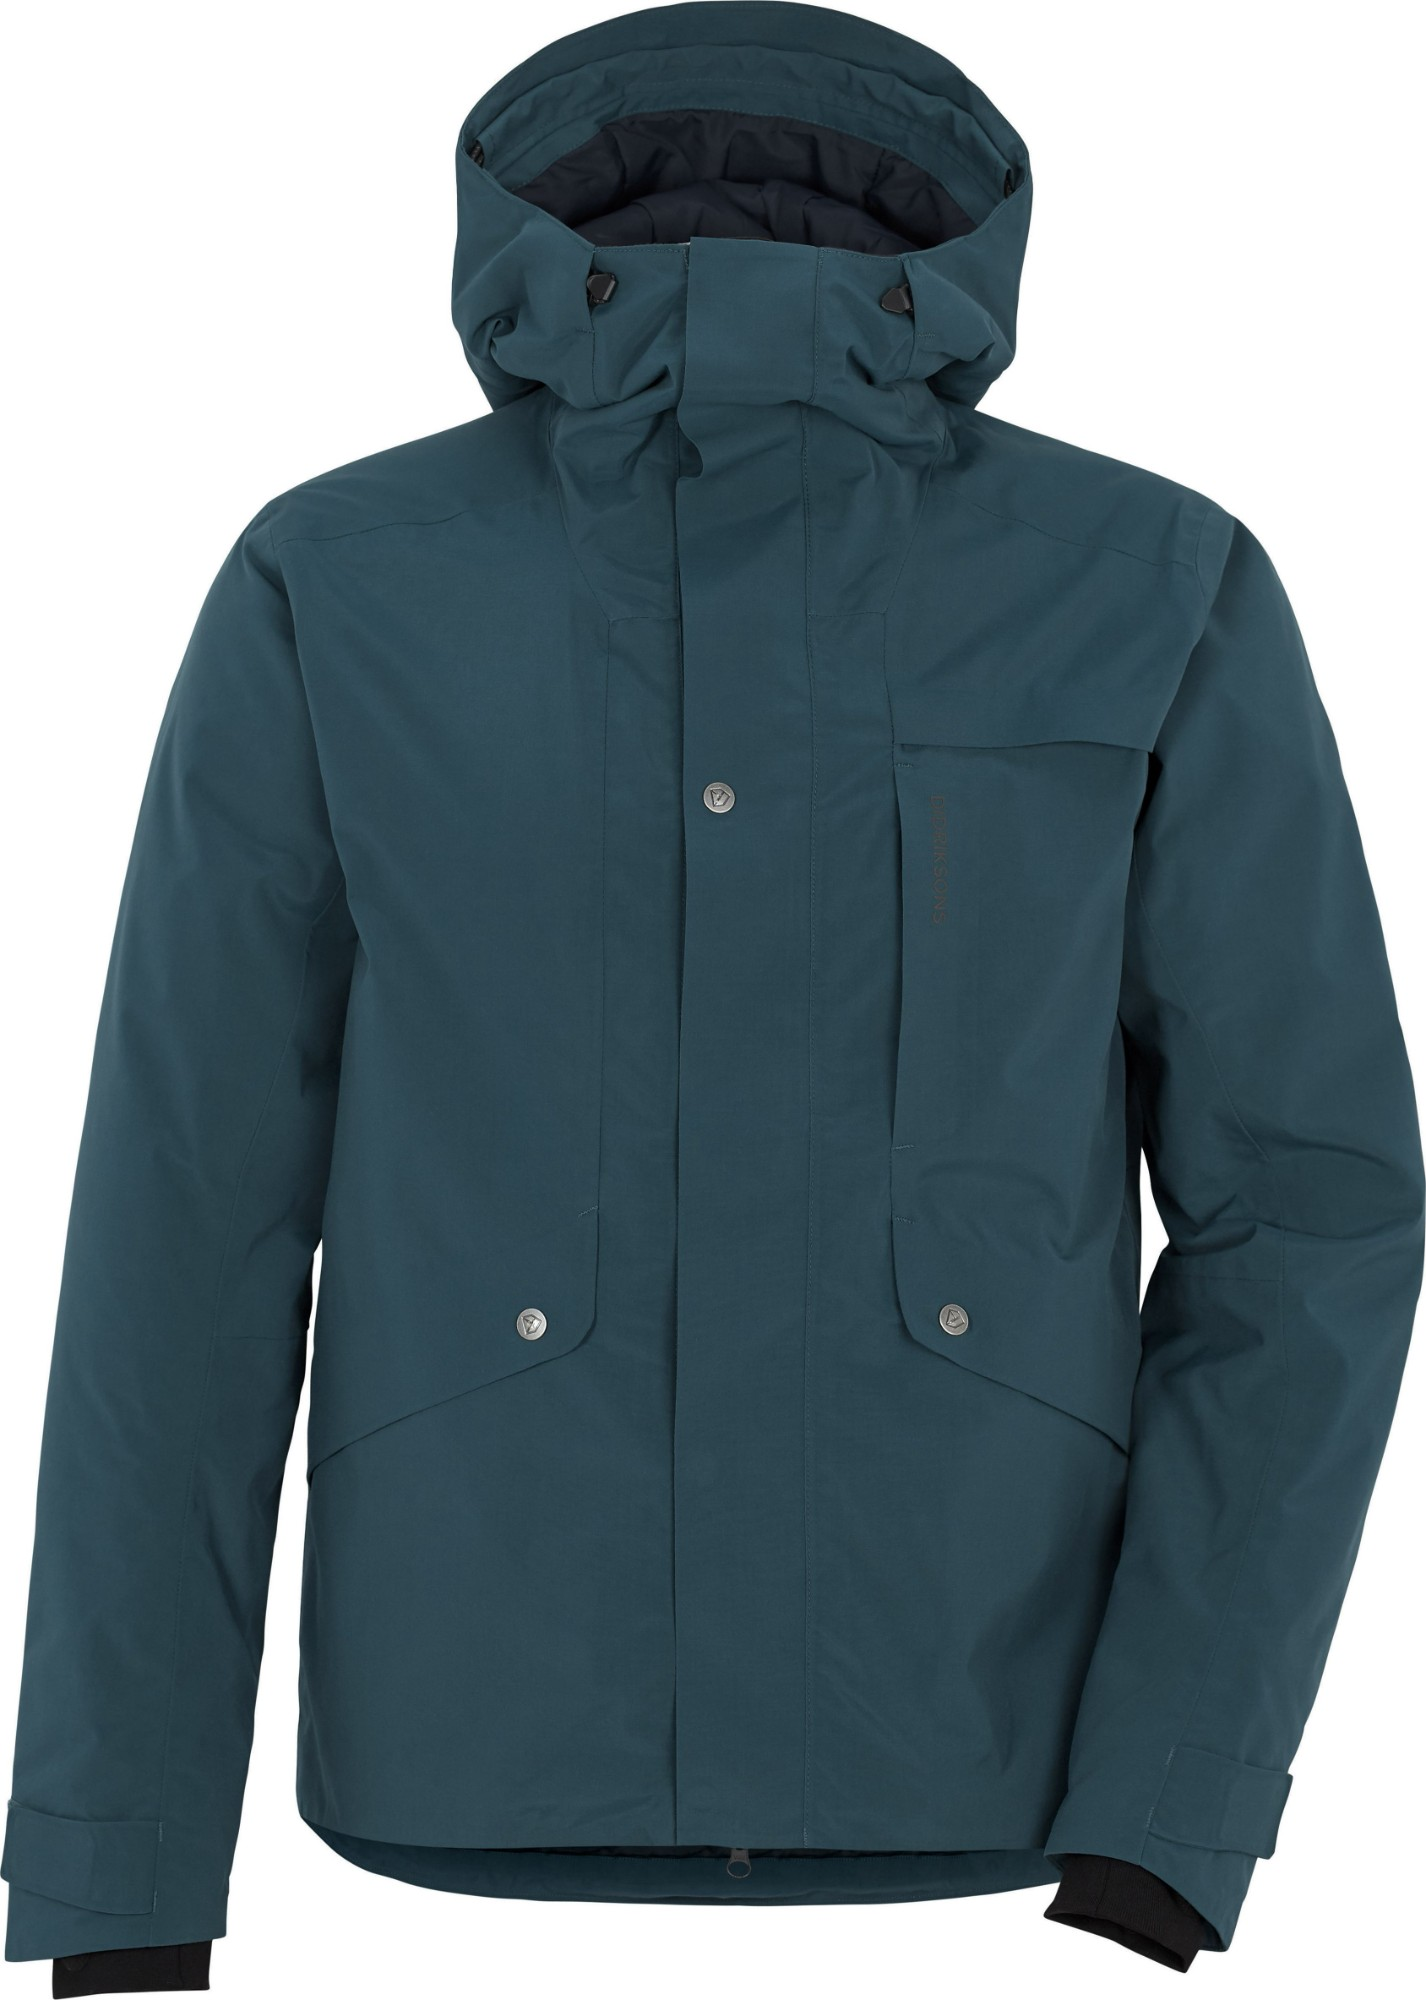 DIDRIKSONS Stern Jacket Port blue M